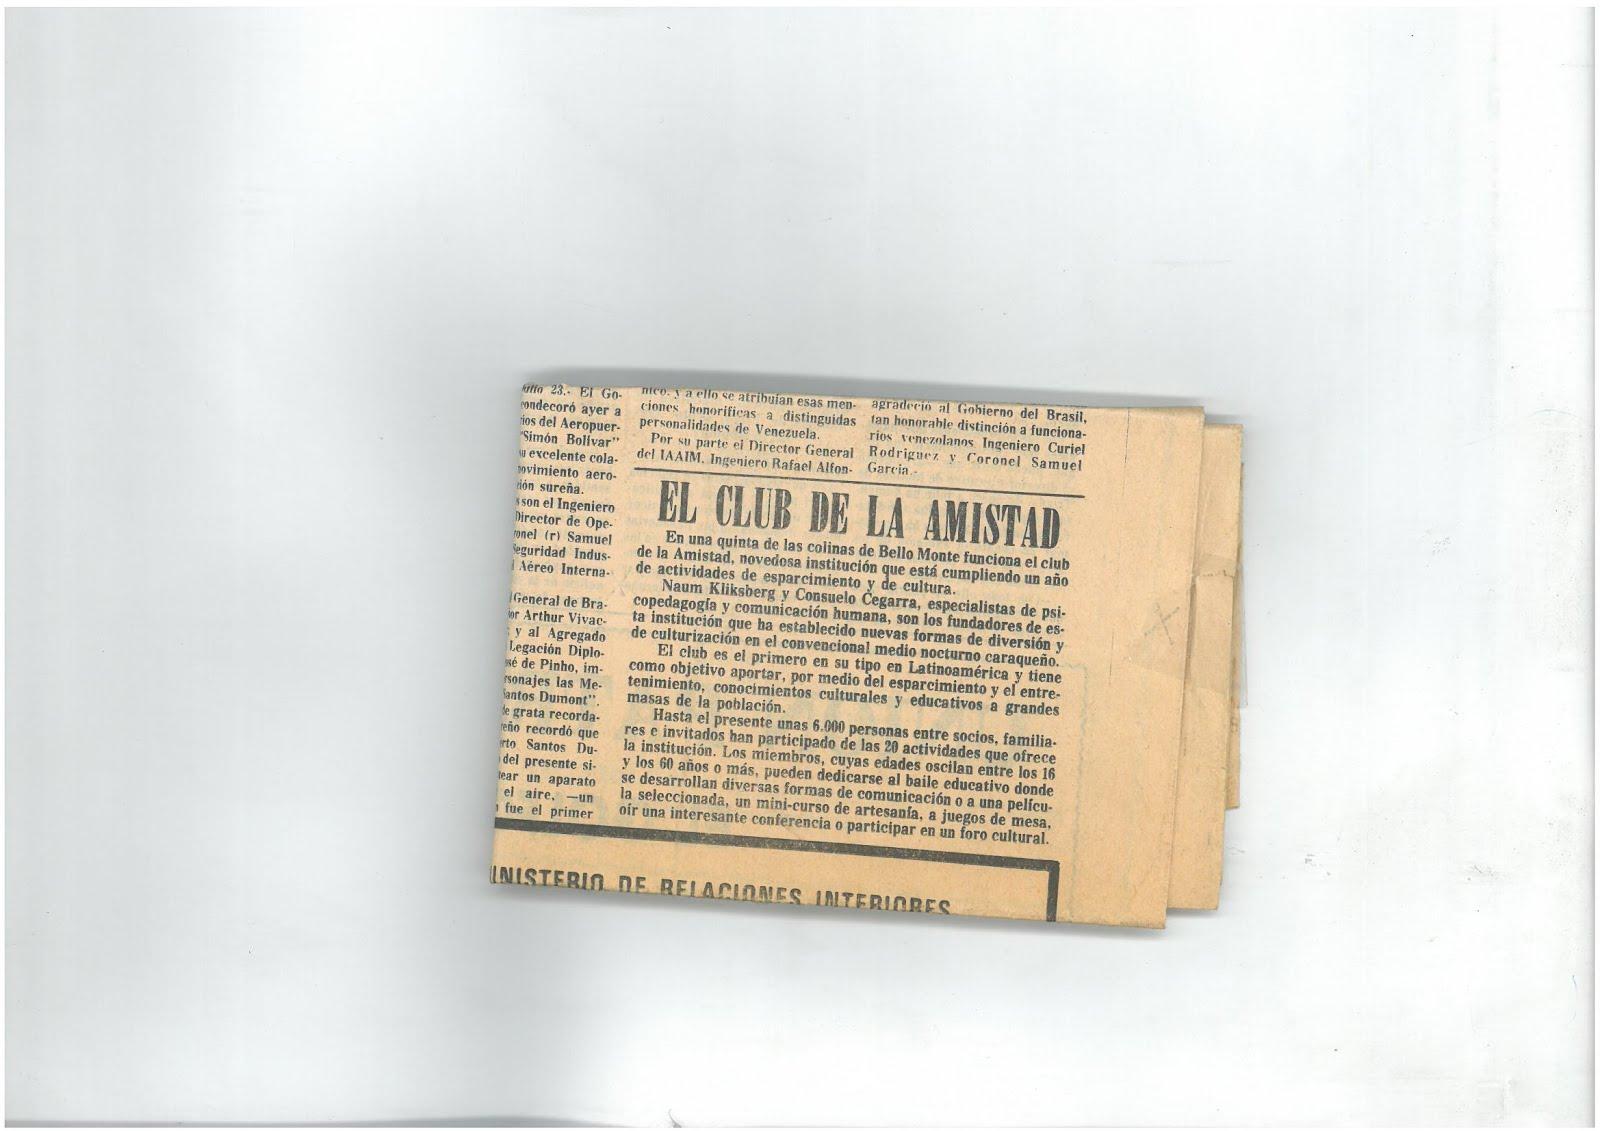 62b -Periódico EL MUNDO, Caracas, 23/07/1980. Noticia sobre el CLUB CULTURA Y AMISTAD.